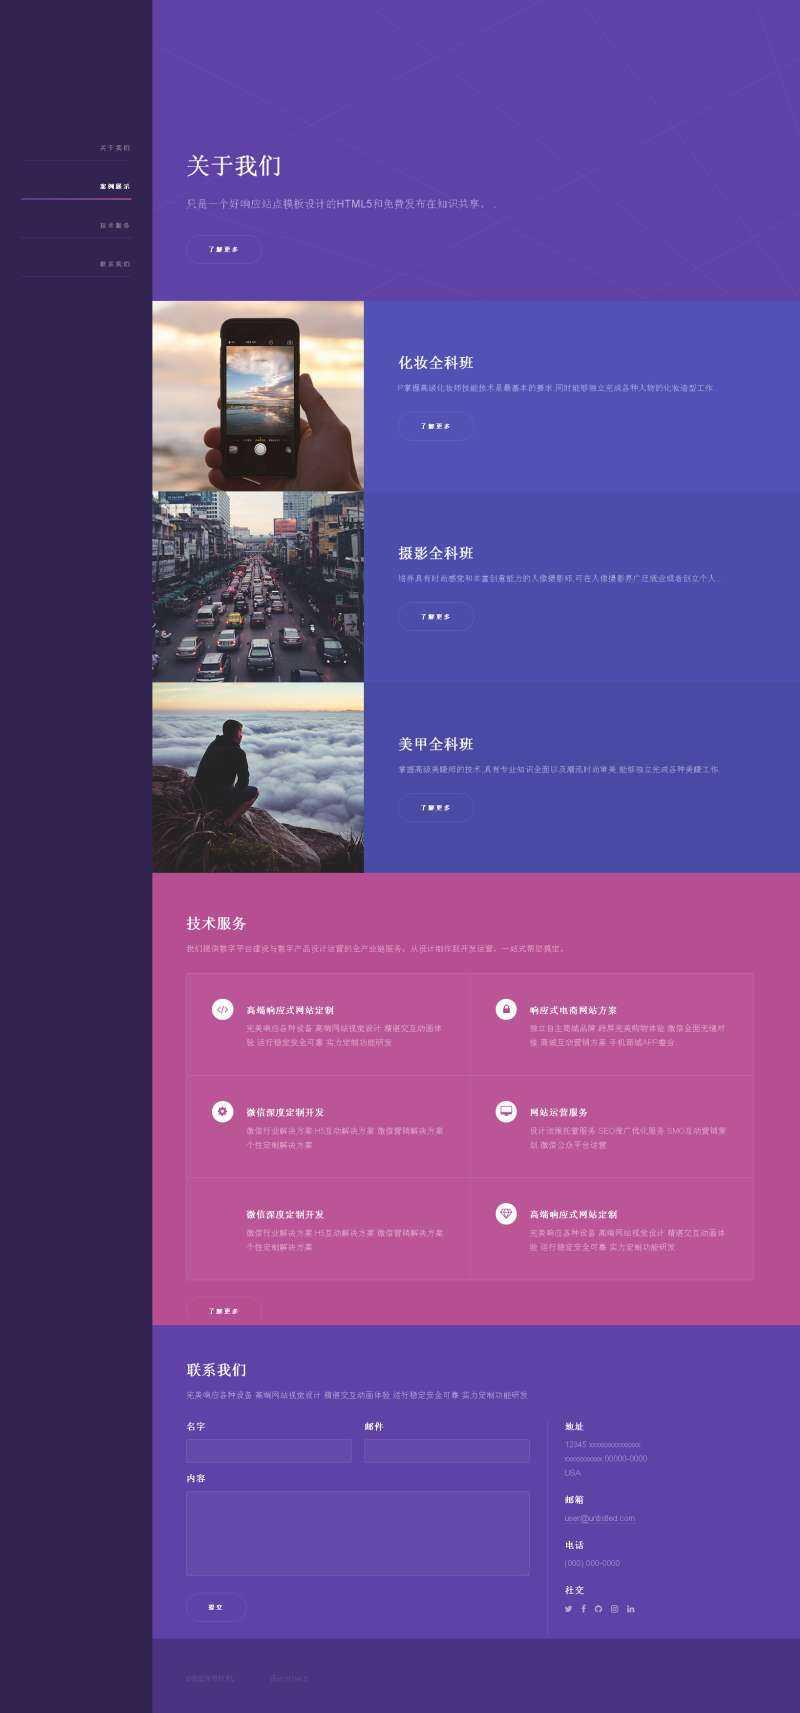 简洁扁平化的企业项目介绍网页模板